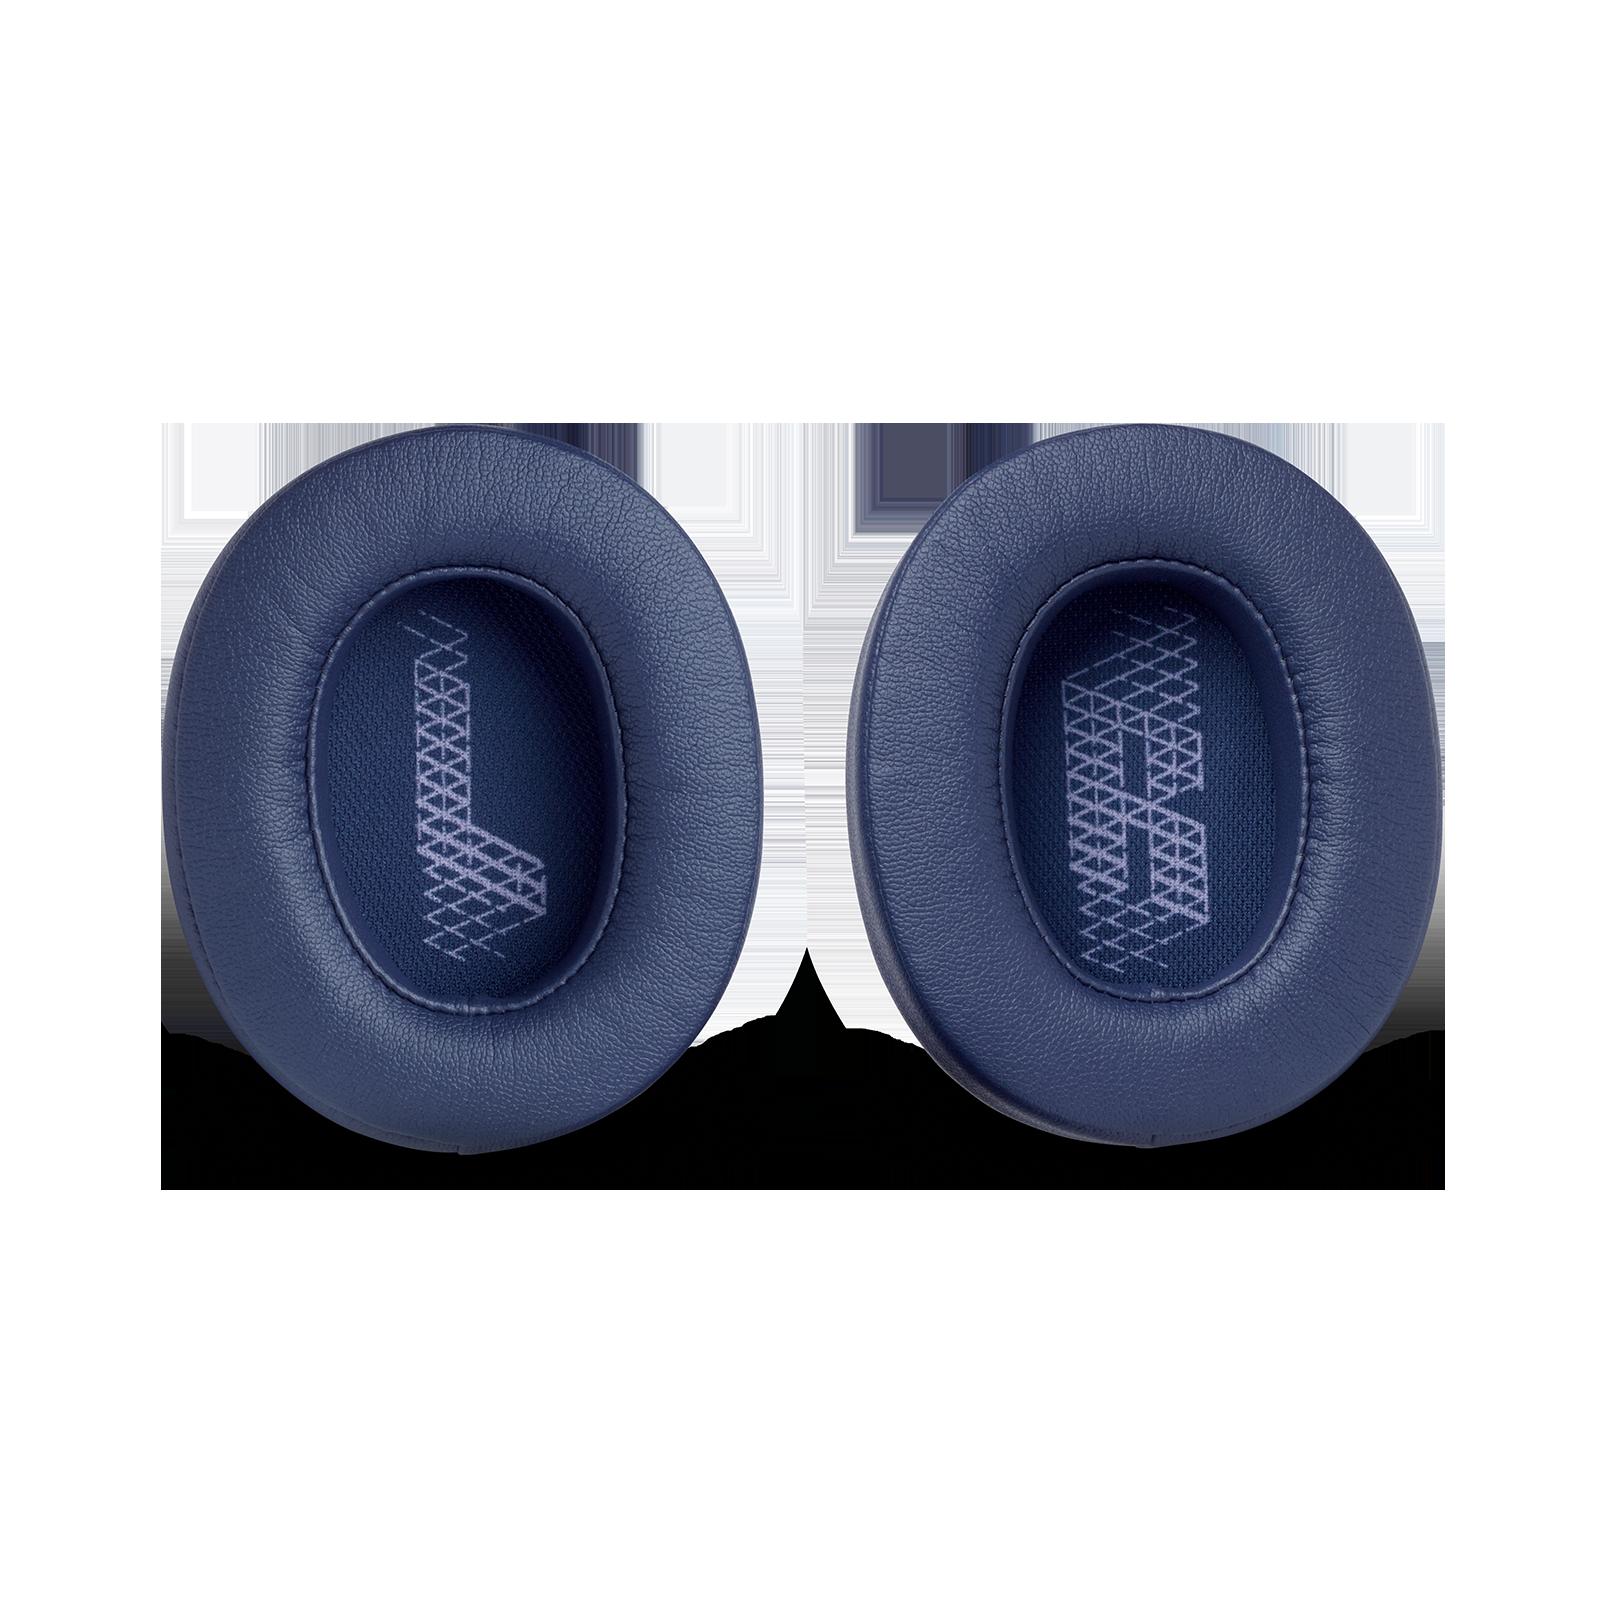 JBL LIVE 500BT - Blue - Your Sound, Unplugged - Detailshot 6